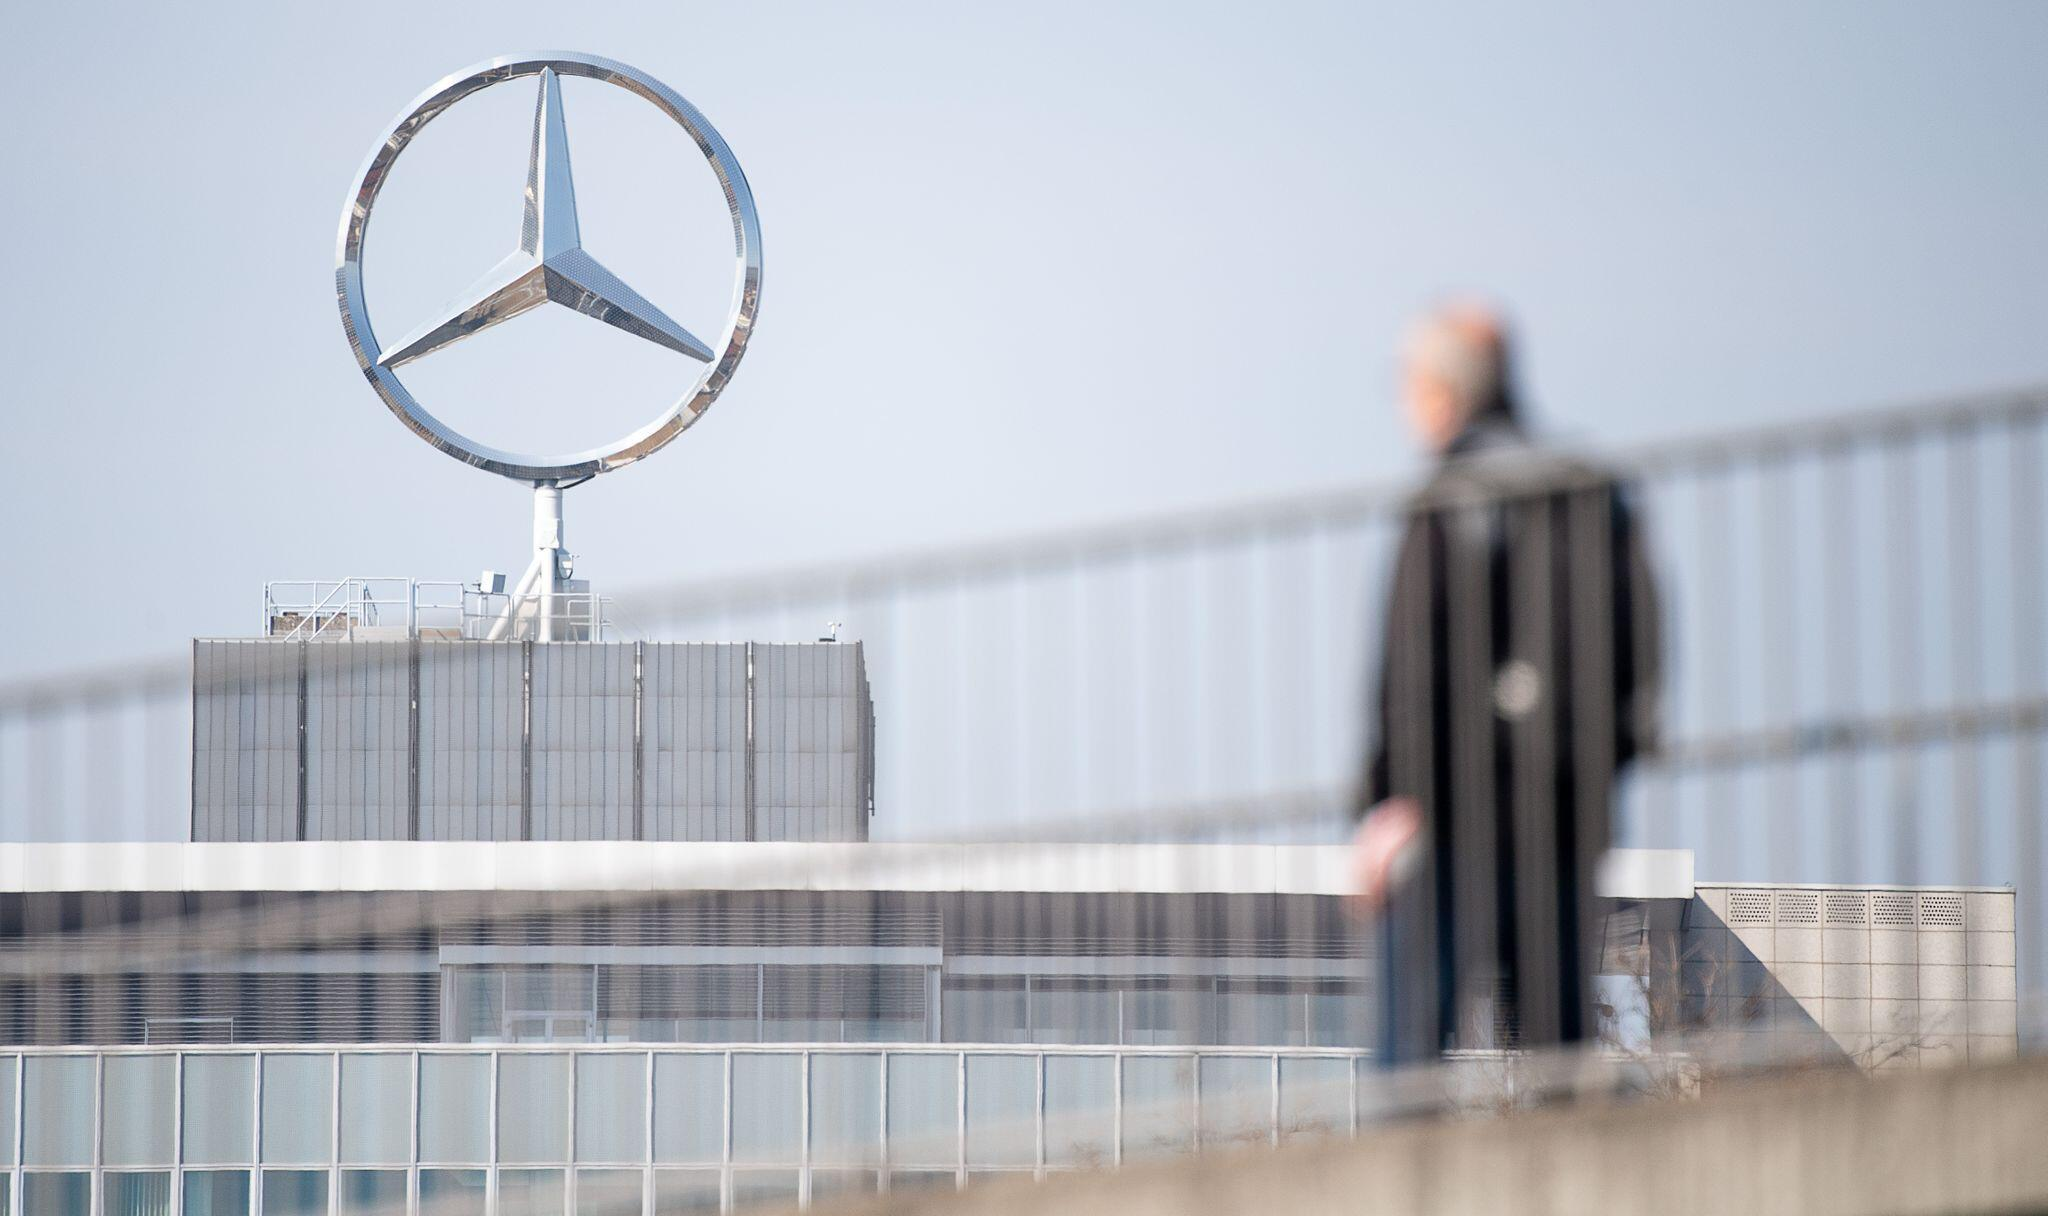 Autoindustrie - Daimler zahlt Milliarden für Diesel-Vergleich in den USA